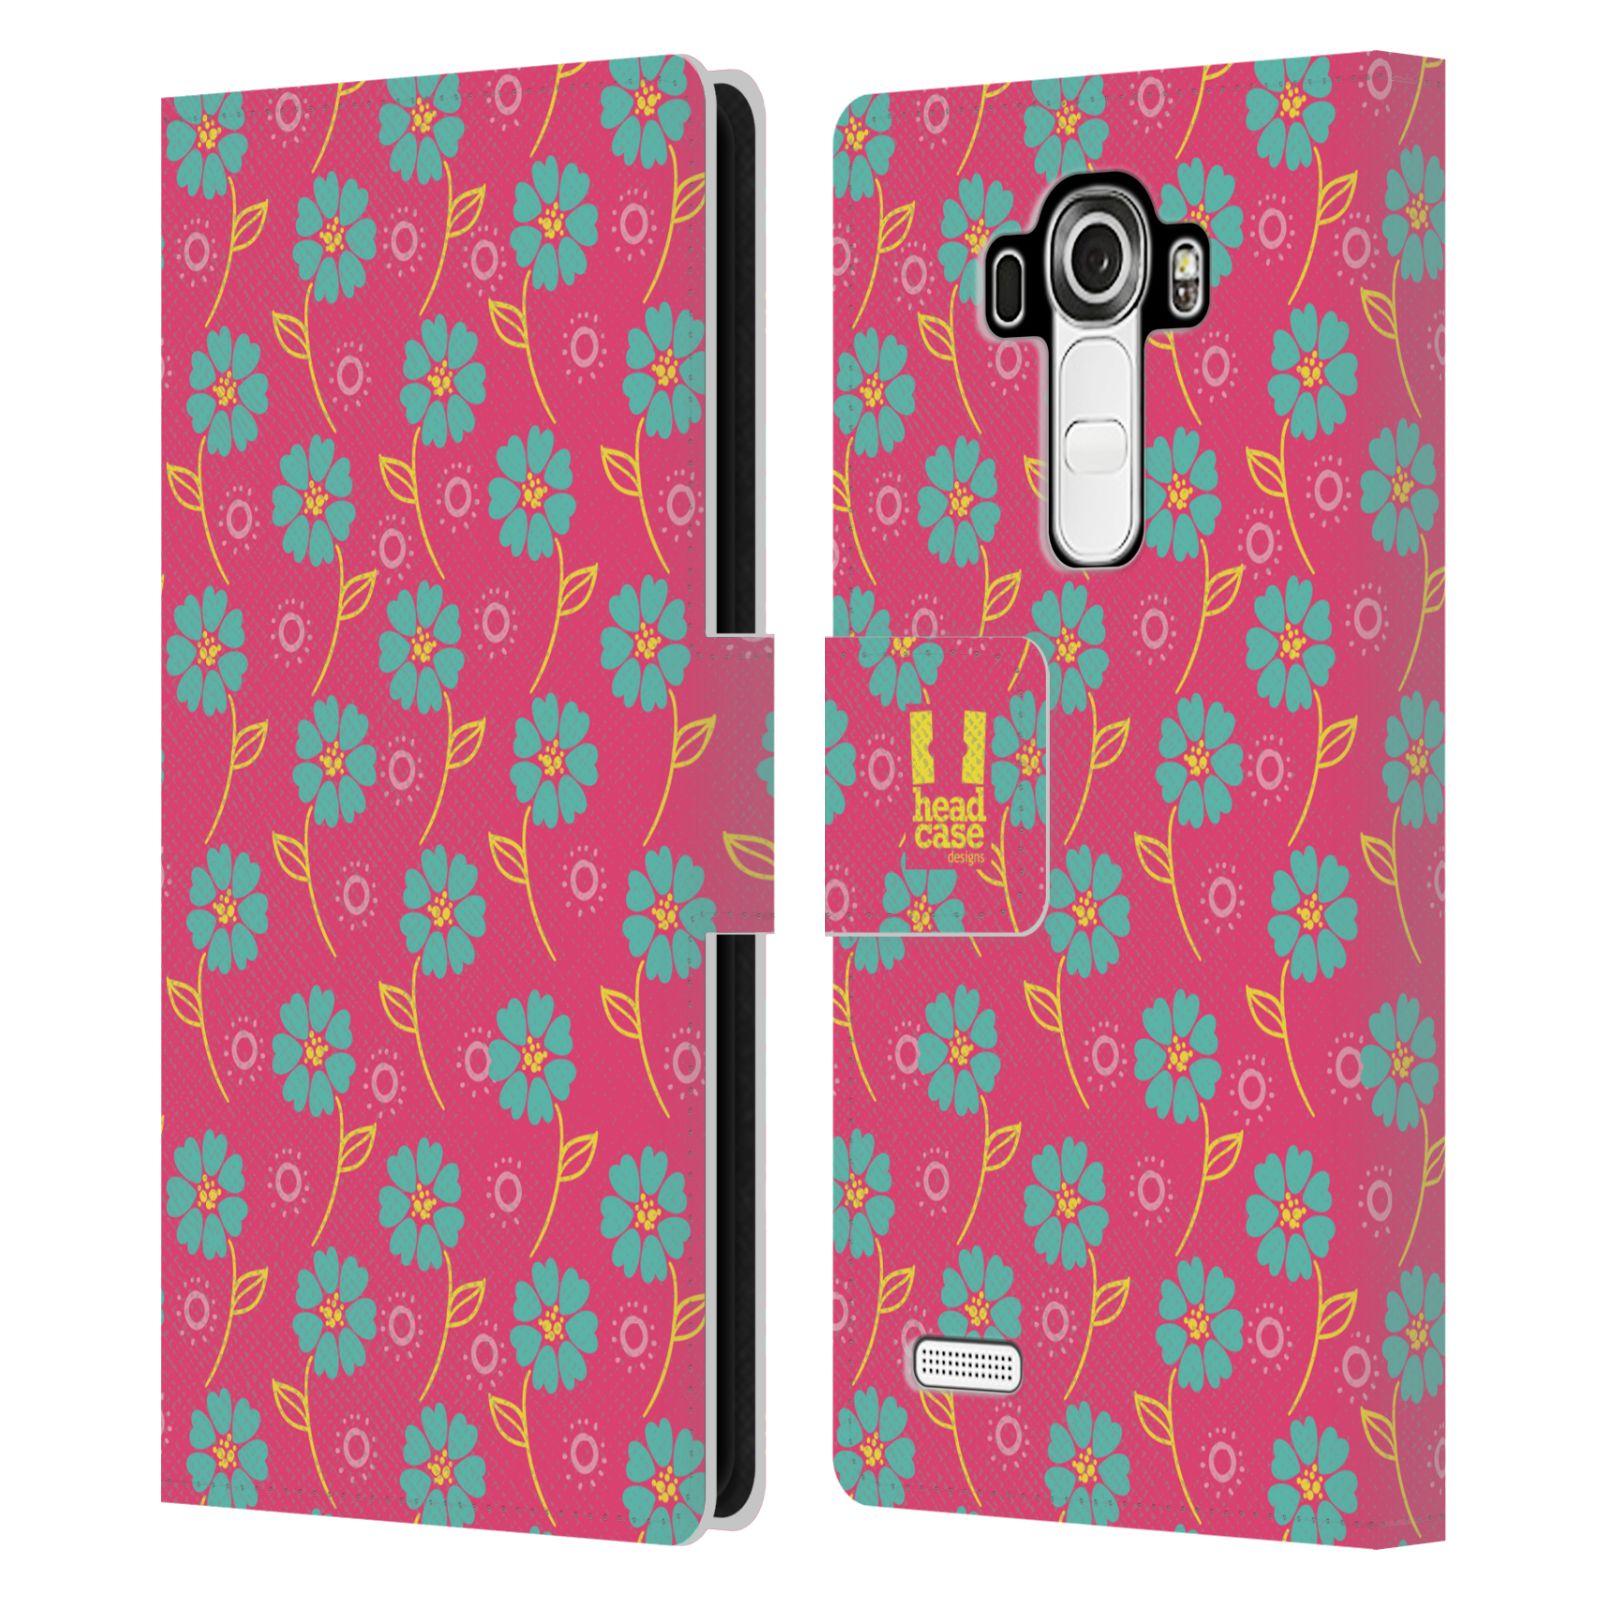 HEAD CASE Flipové pouzdro pro mobil LG G4 (H815) Slovanský vzor růžová a modrá květiny